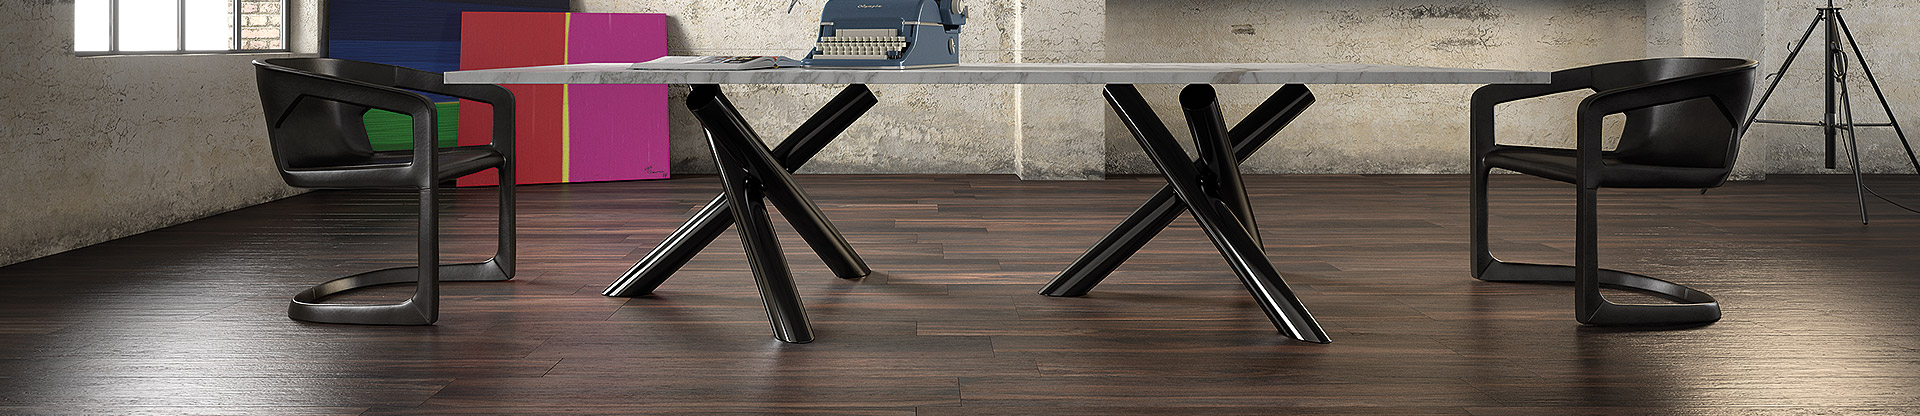 unsere produkte rund um die fliese fliesen klever aus bergisch gladbach. Black Bedroom Furniture Sets. Home Design Ideas